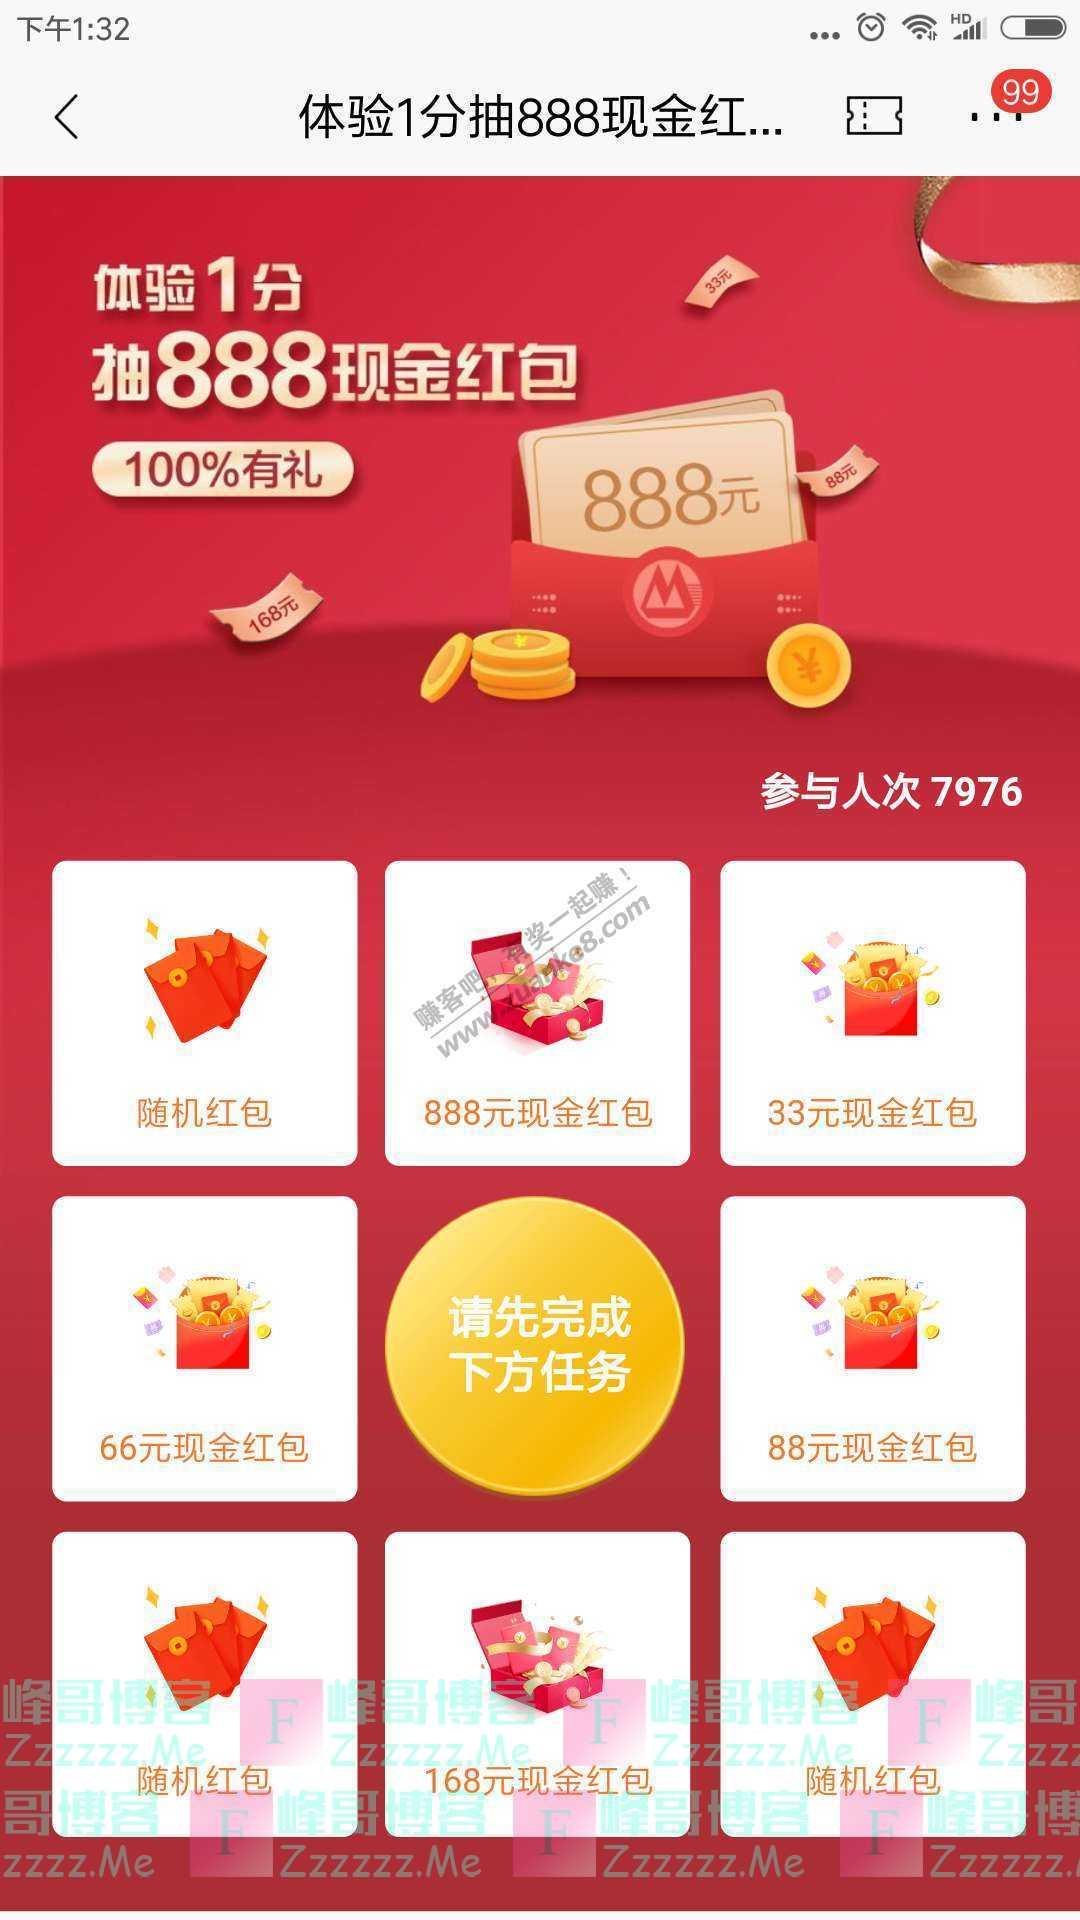 招商银行app体验1分抽888现金红包(截止9月10日)